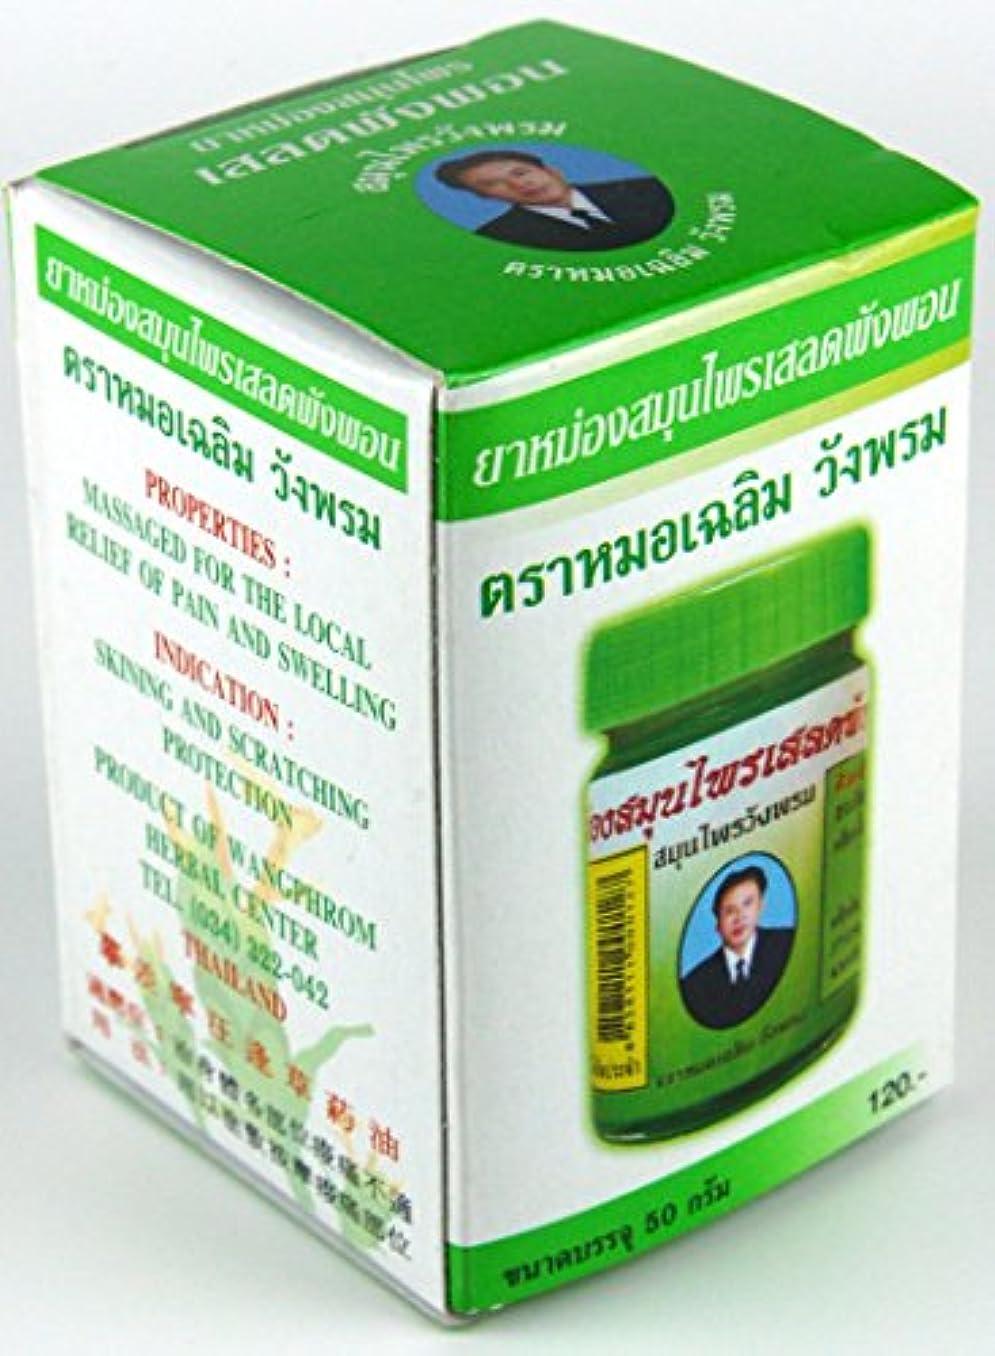 アスレチックモトリー状マッサージバーム タイの緑色の軟膏 スースーする軟膏 おじさんの顔の軟膏 中瓶 内容量50ml